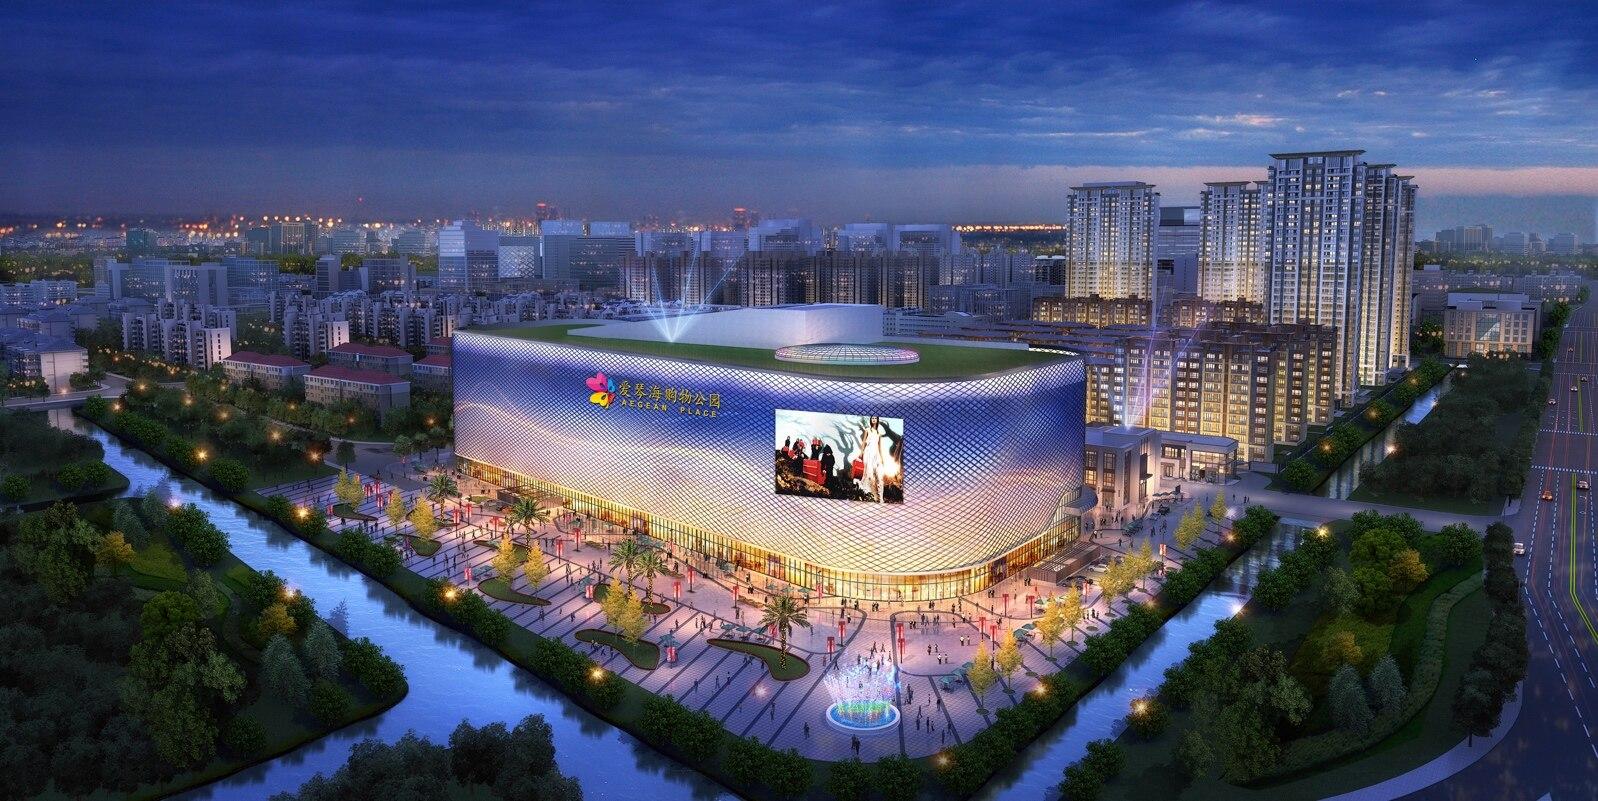 慈溪高新区爱琴海购物公园将于7月3日正式起航